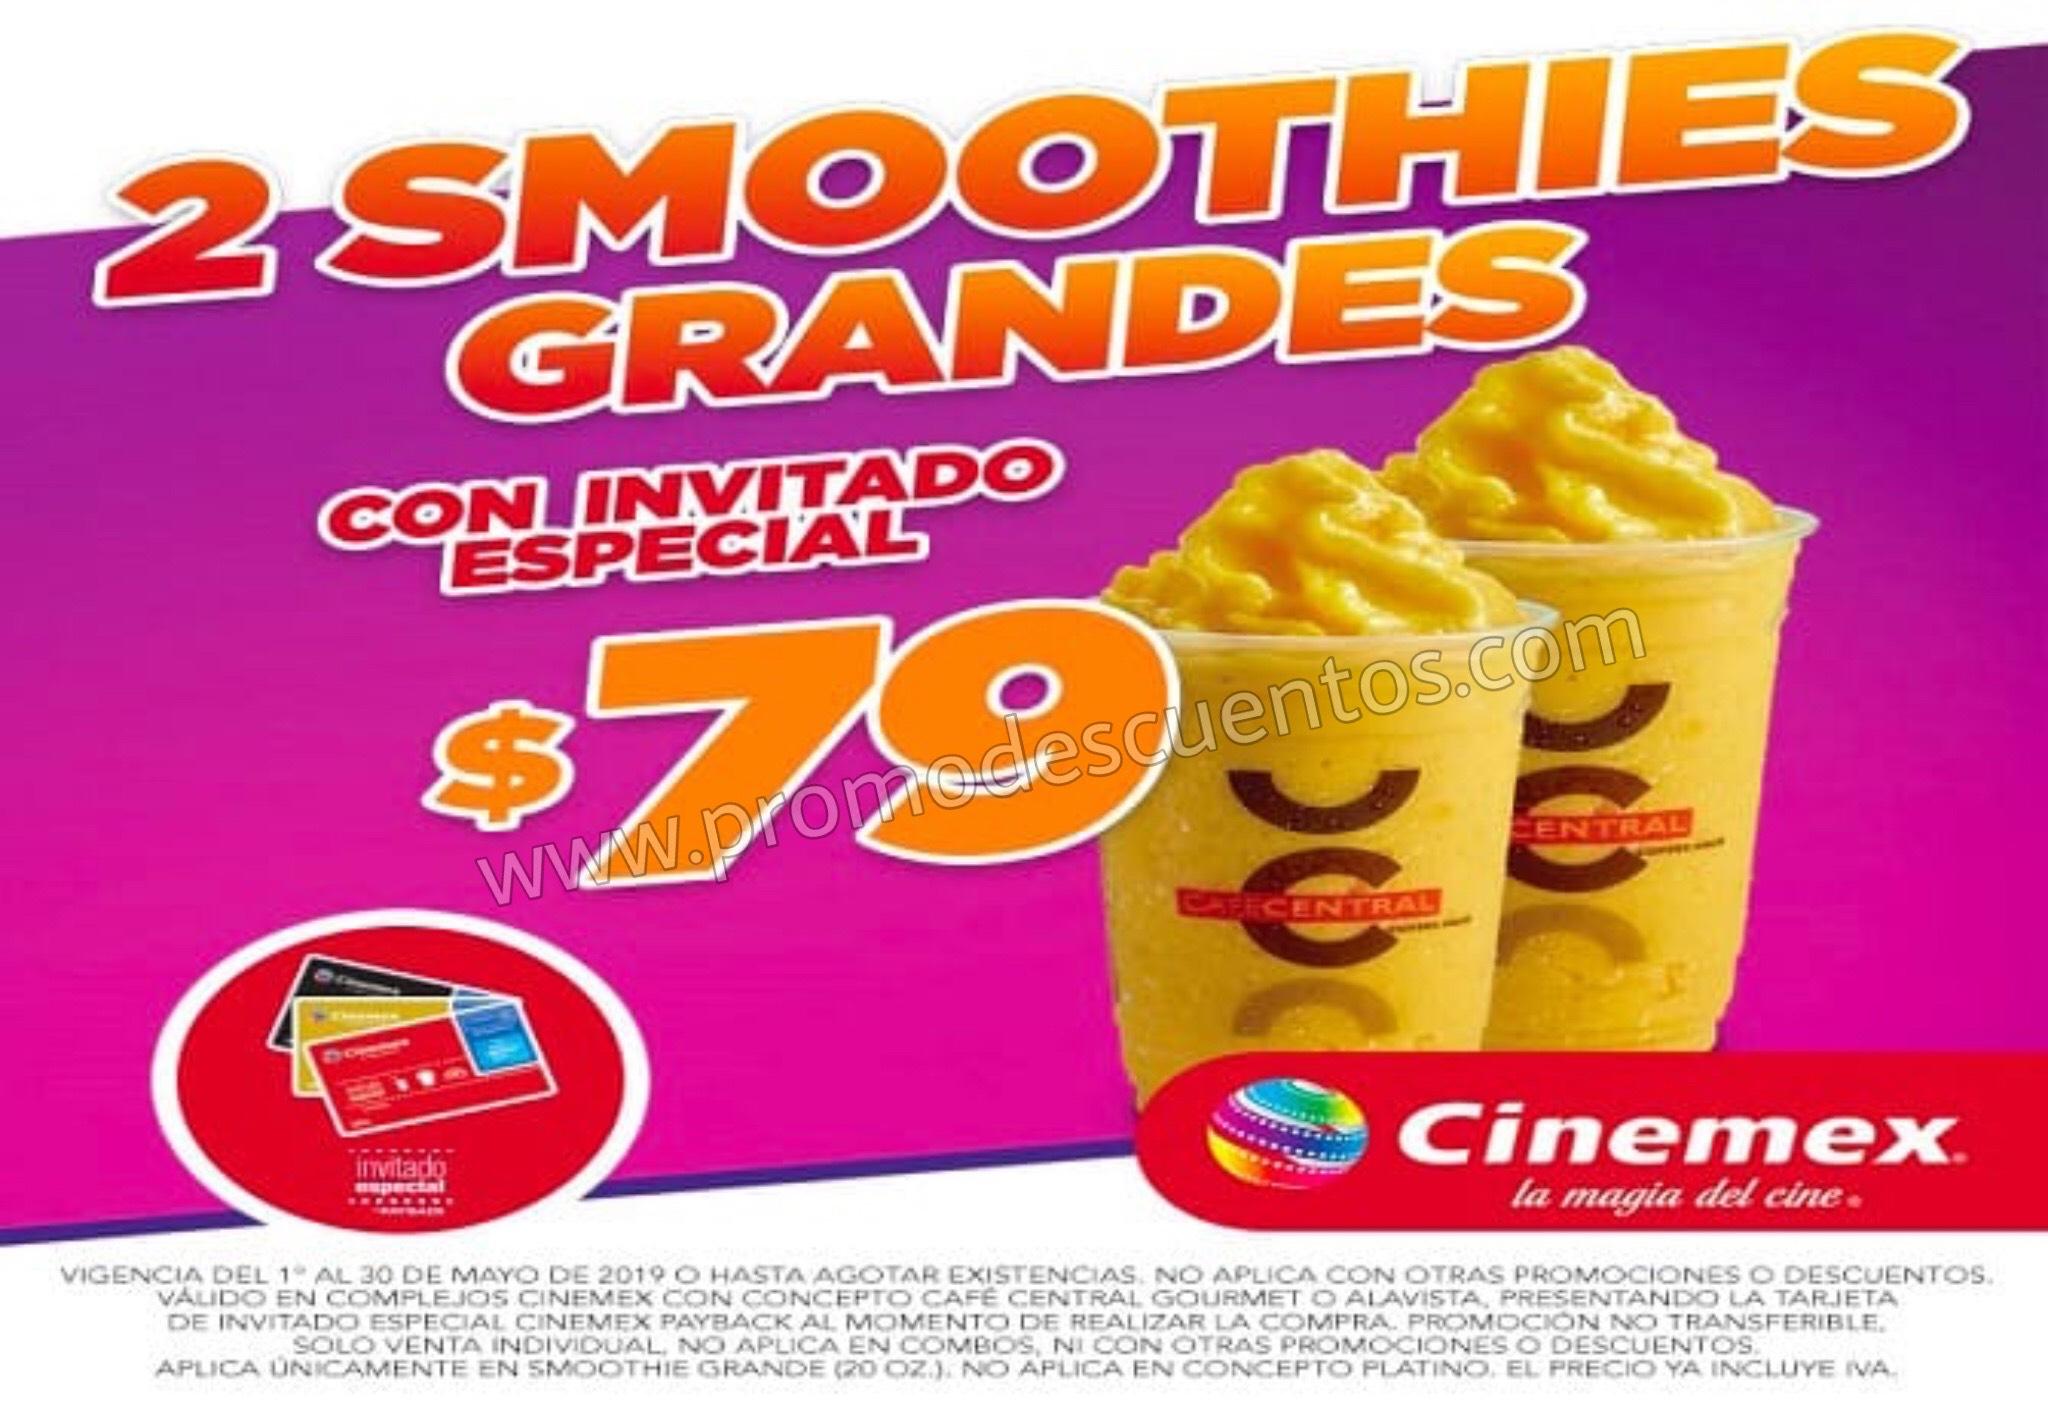 Cinemex: 2 Smoothies Grandes $79 con Invitado Especial al 30 de Mayo 2019